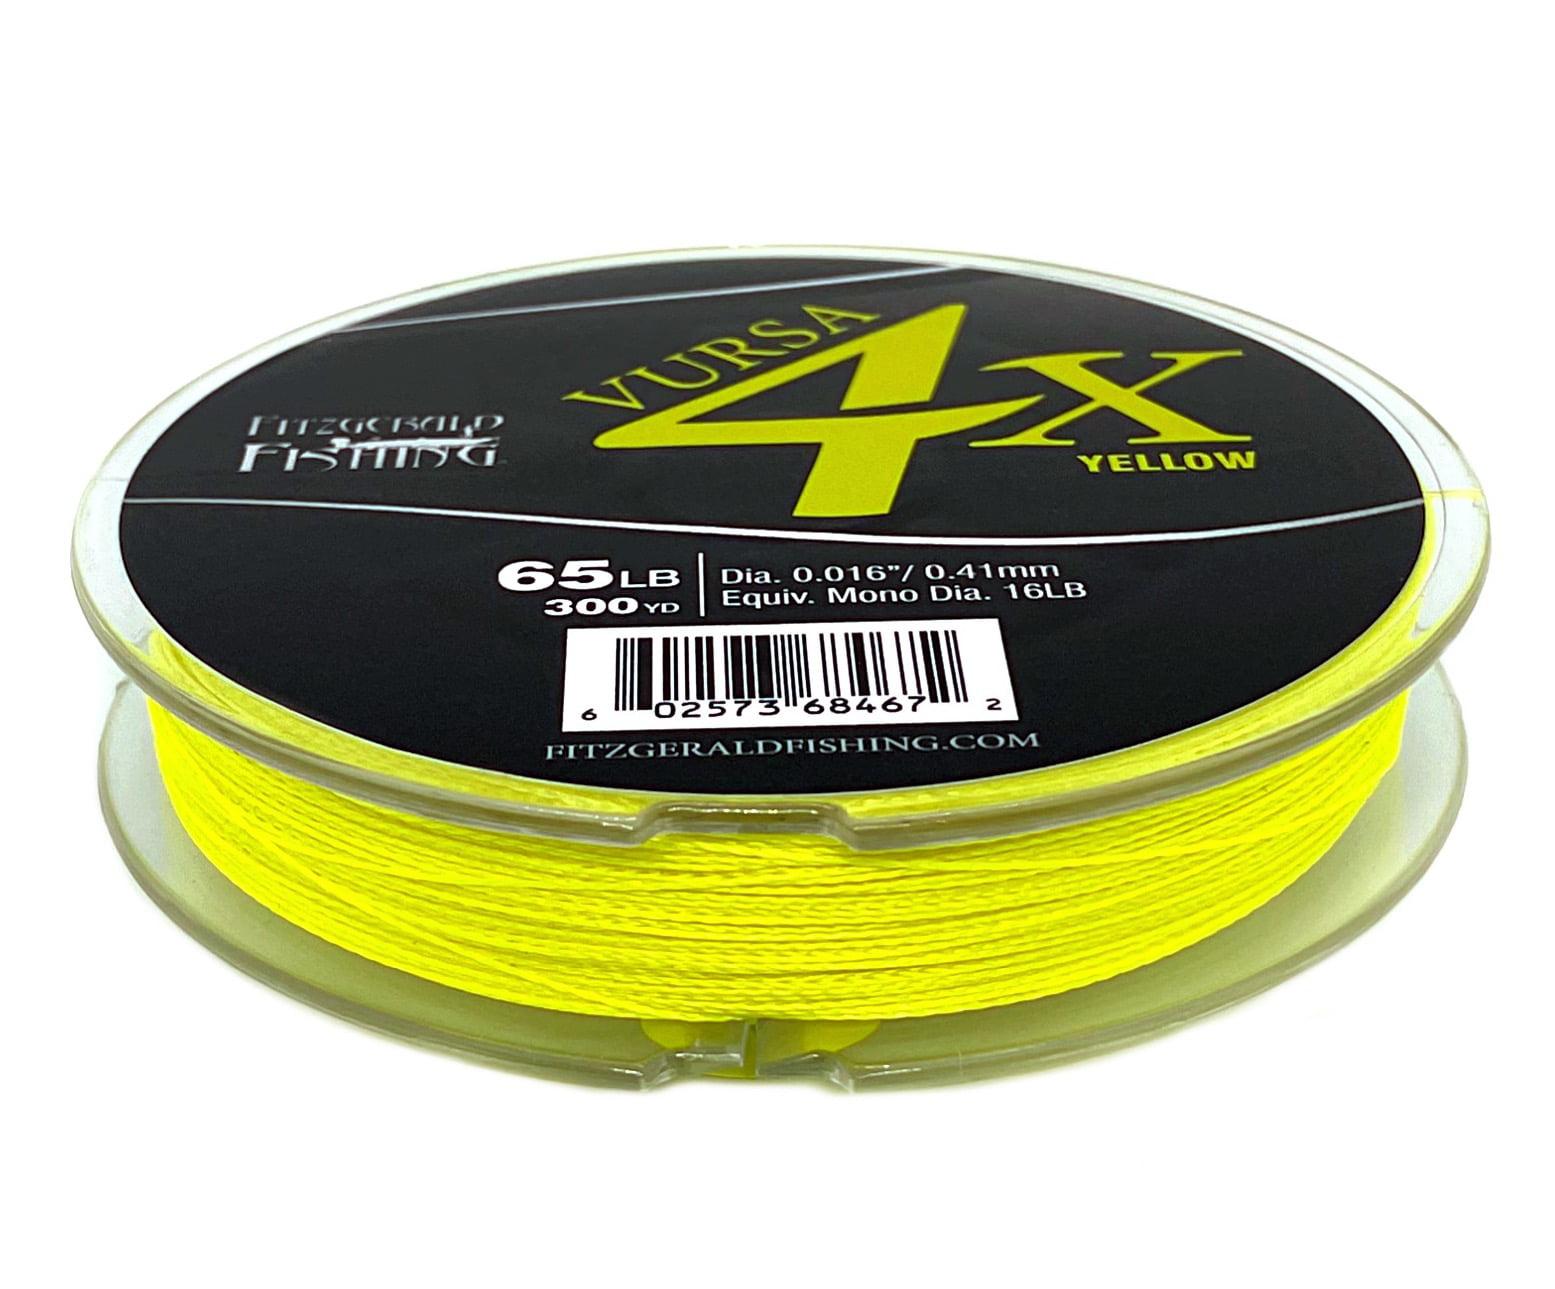 Rovex Viros Hi Vis Yellow Braid Fishing Line 300yds X 30 Lb